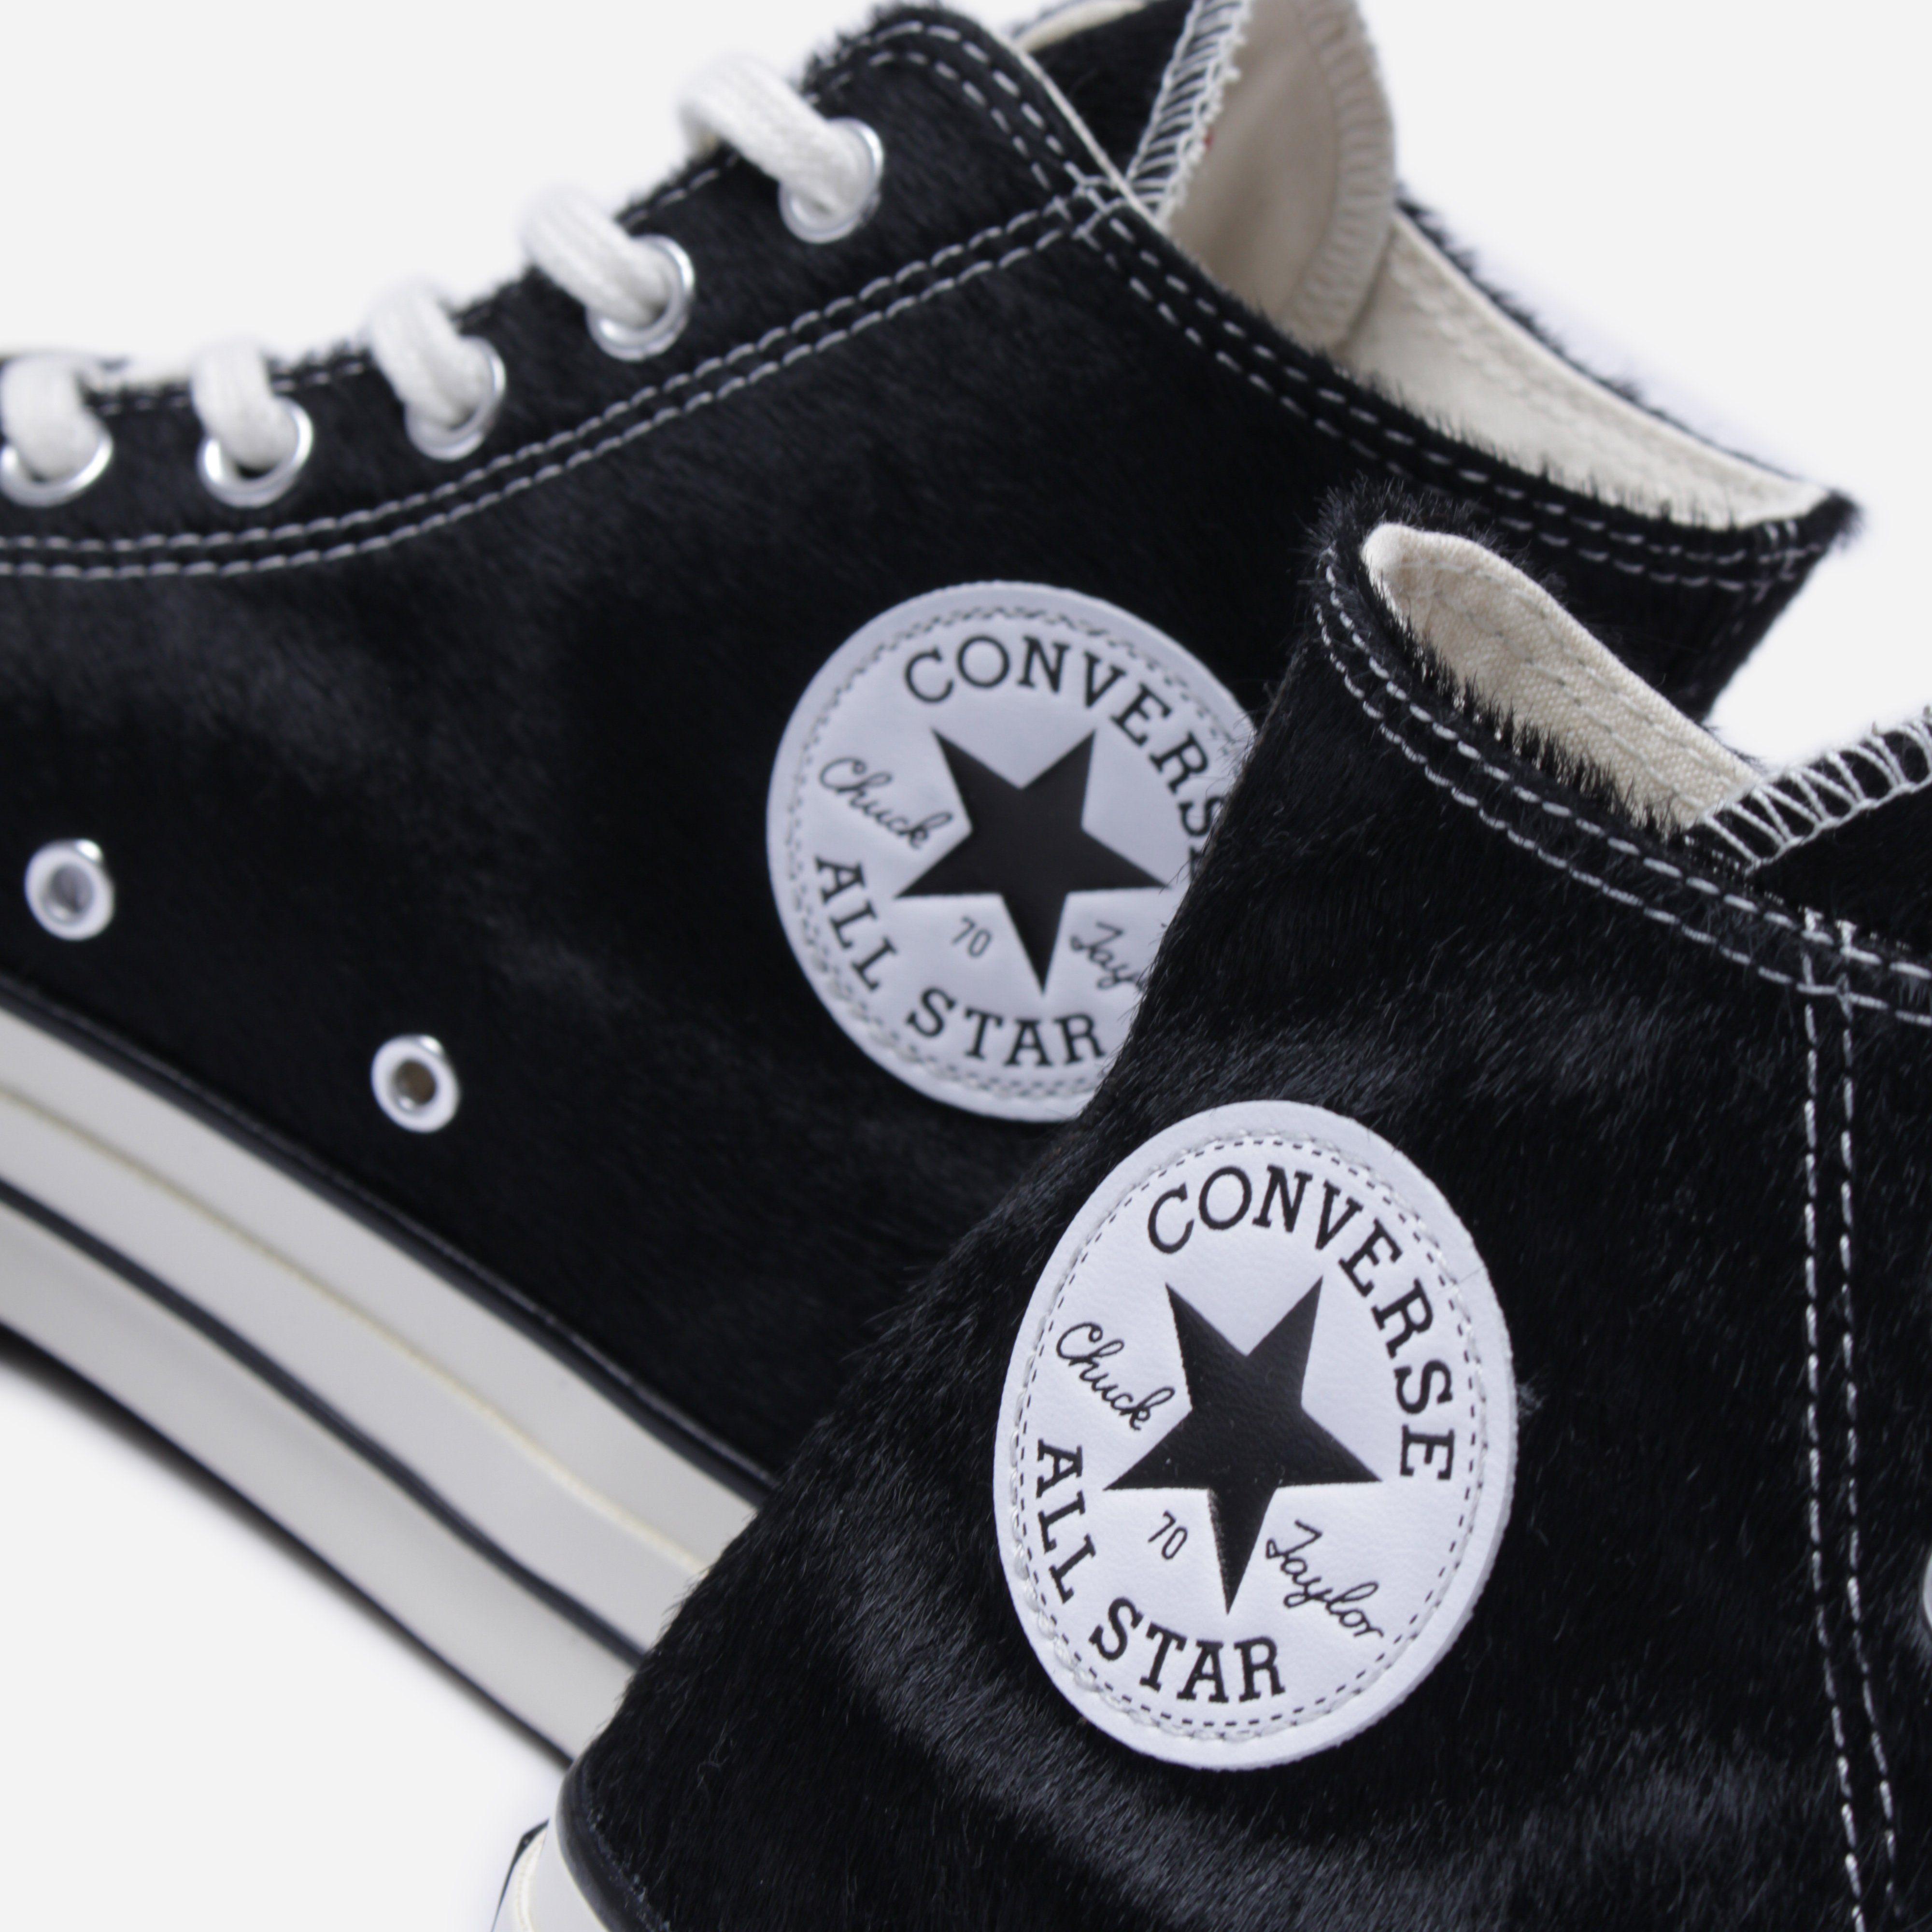 Converse 164588C PINNACLE X CONVERSE CHUCK 70